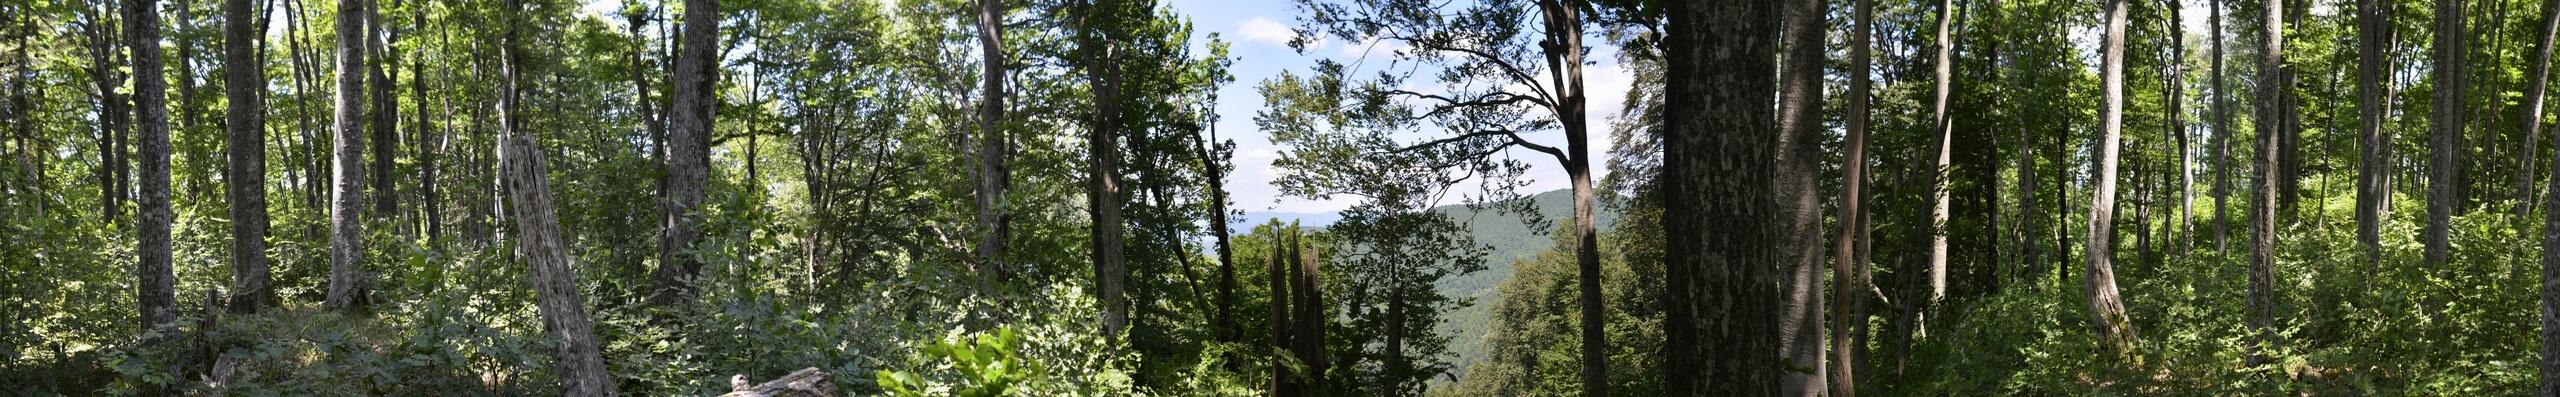 Безымянная вершина 776 метров